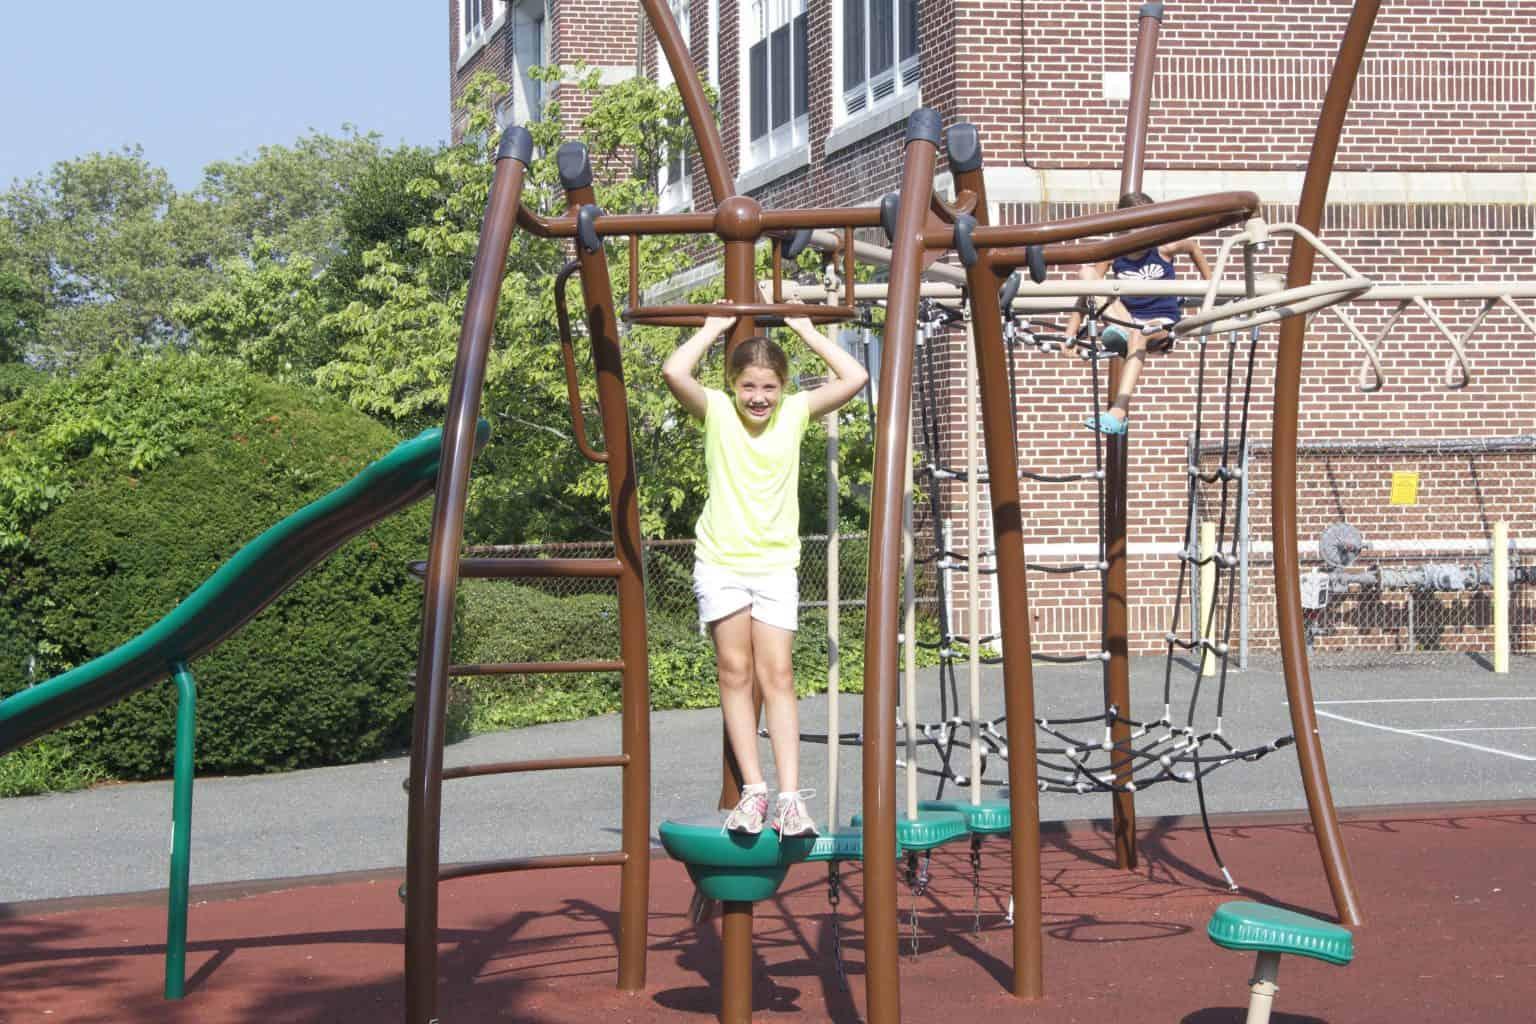 mountz-elementary-playground-spring-lake-nj_11654472626_o-1536x1024